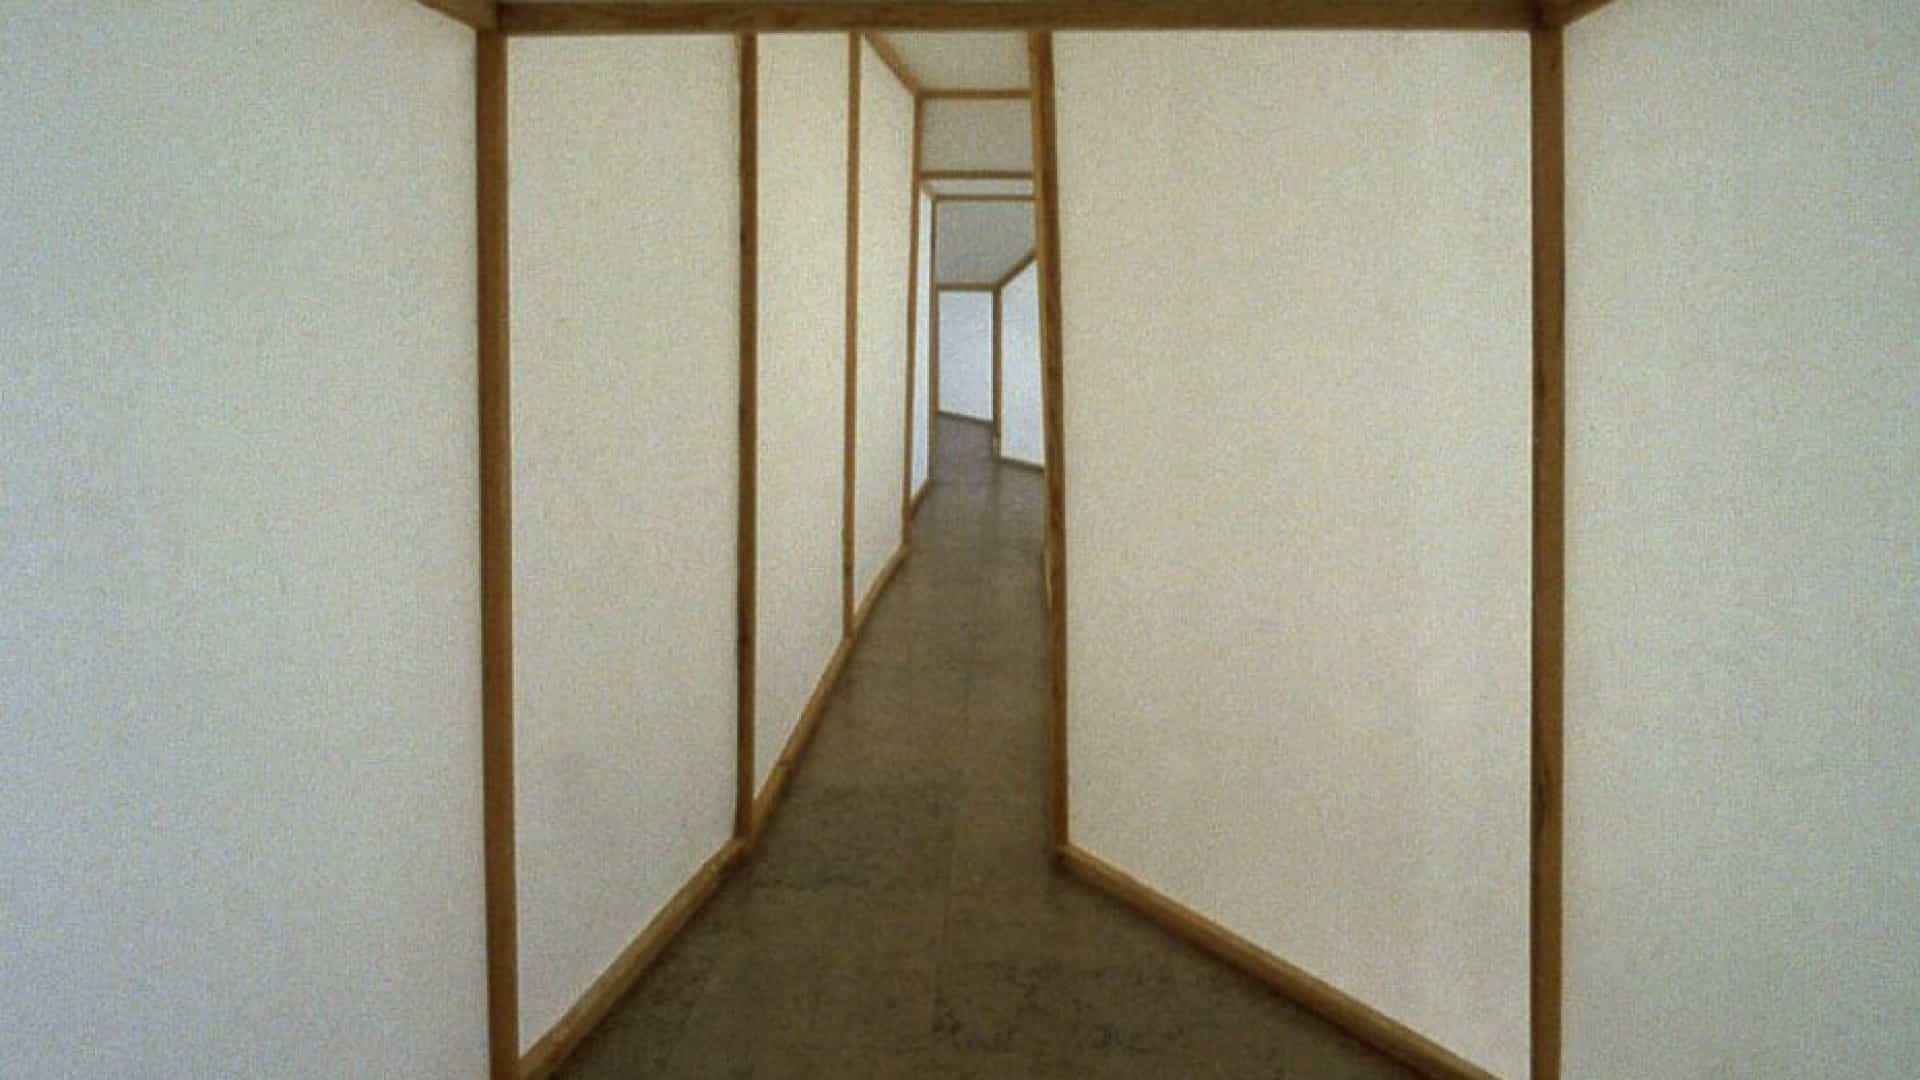 Centro de Artes Visuais, em Coimbra, acolhe exposição sobre Ana Vieira